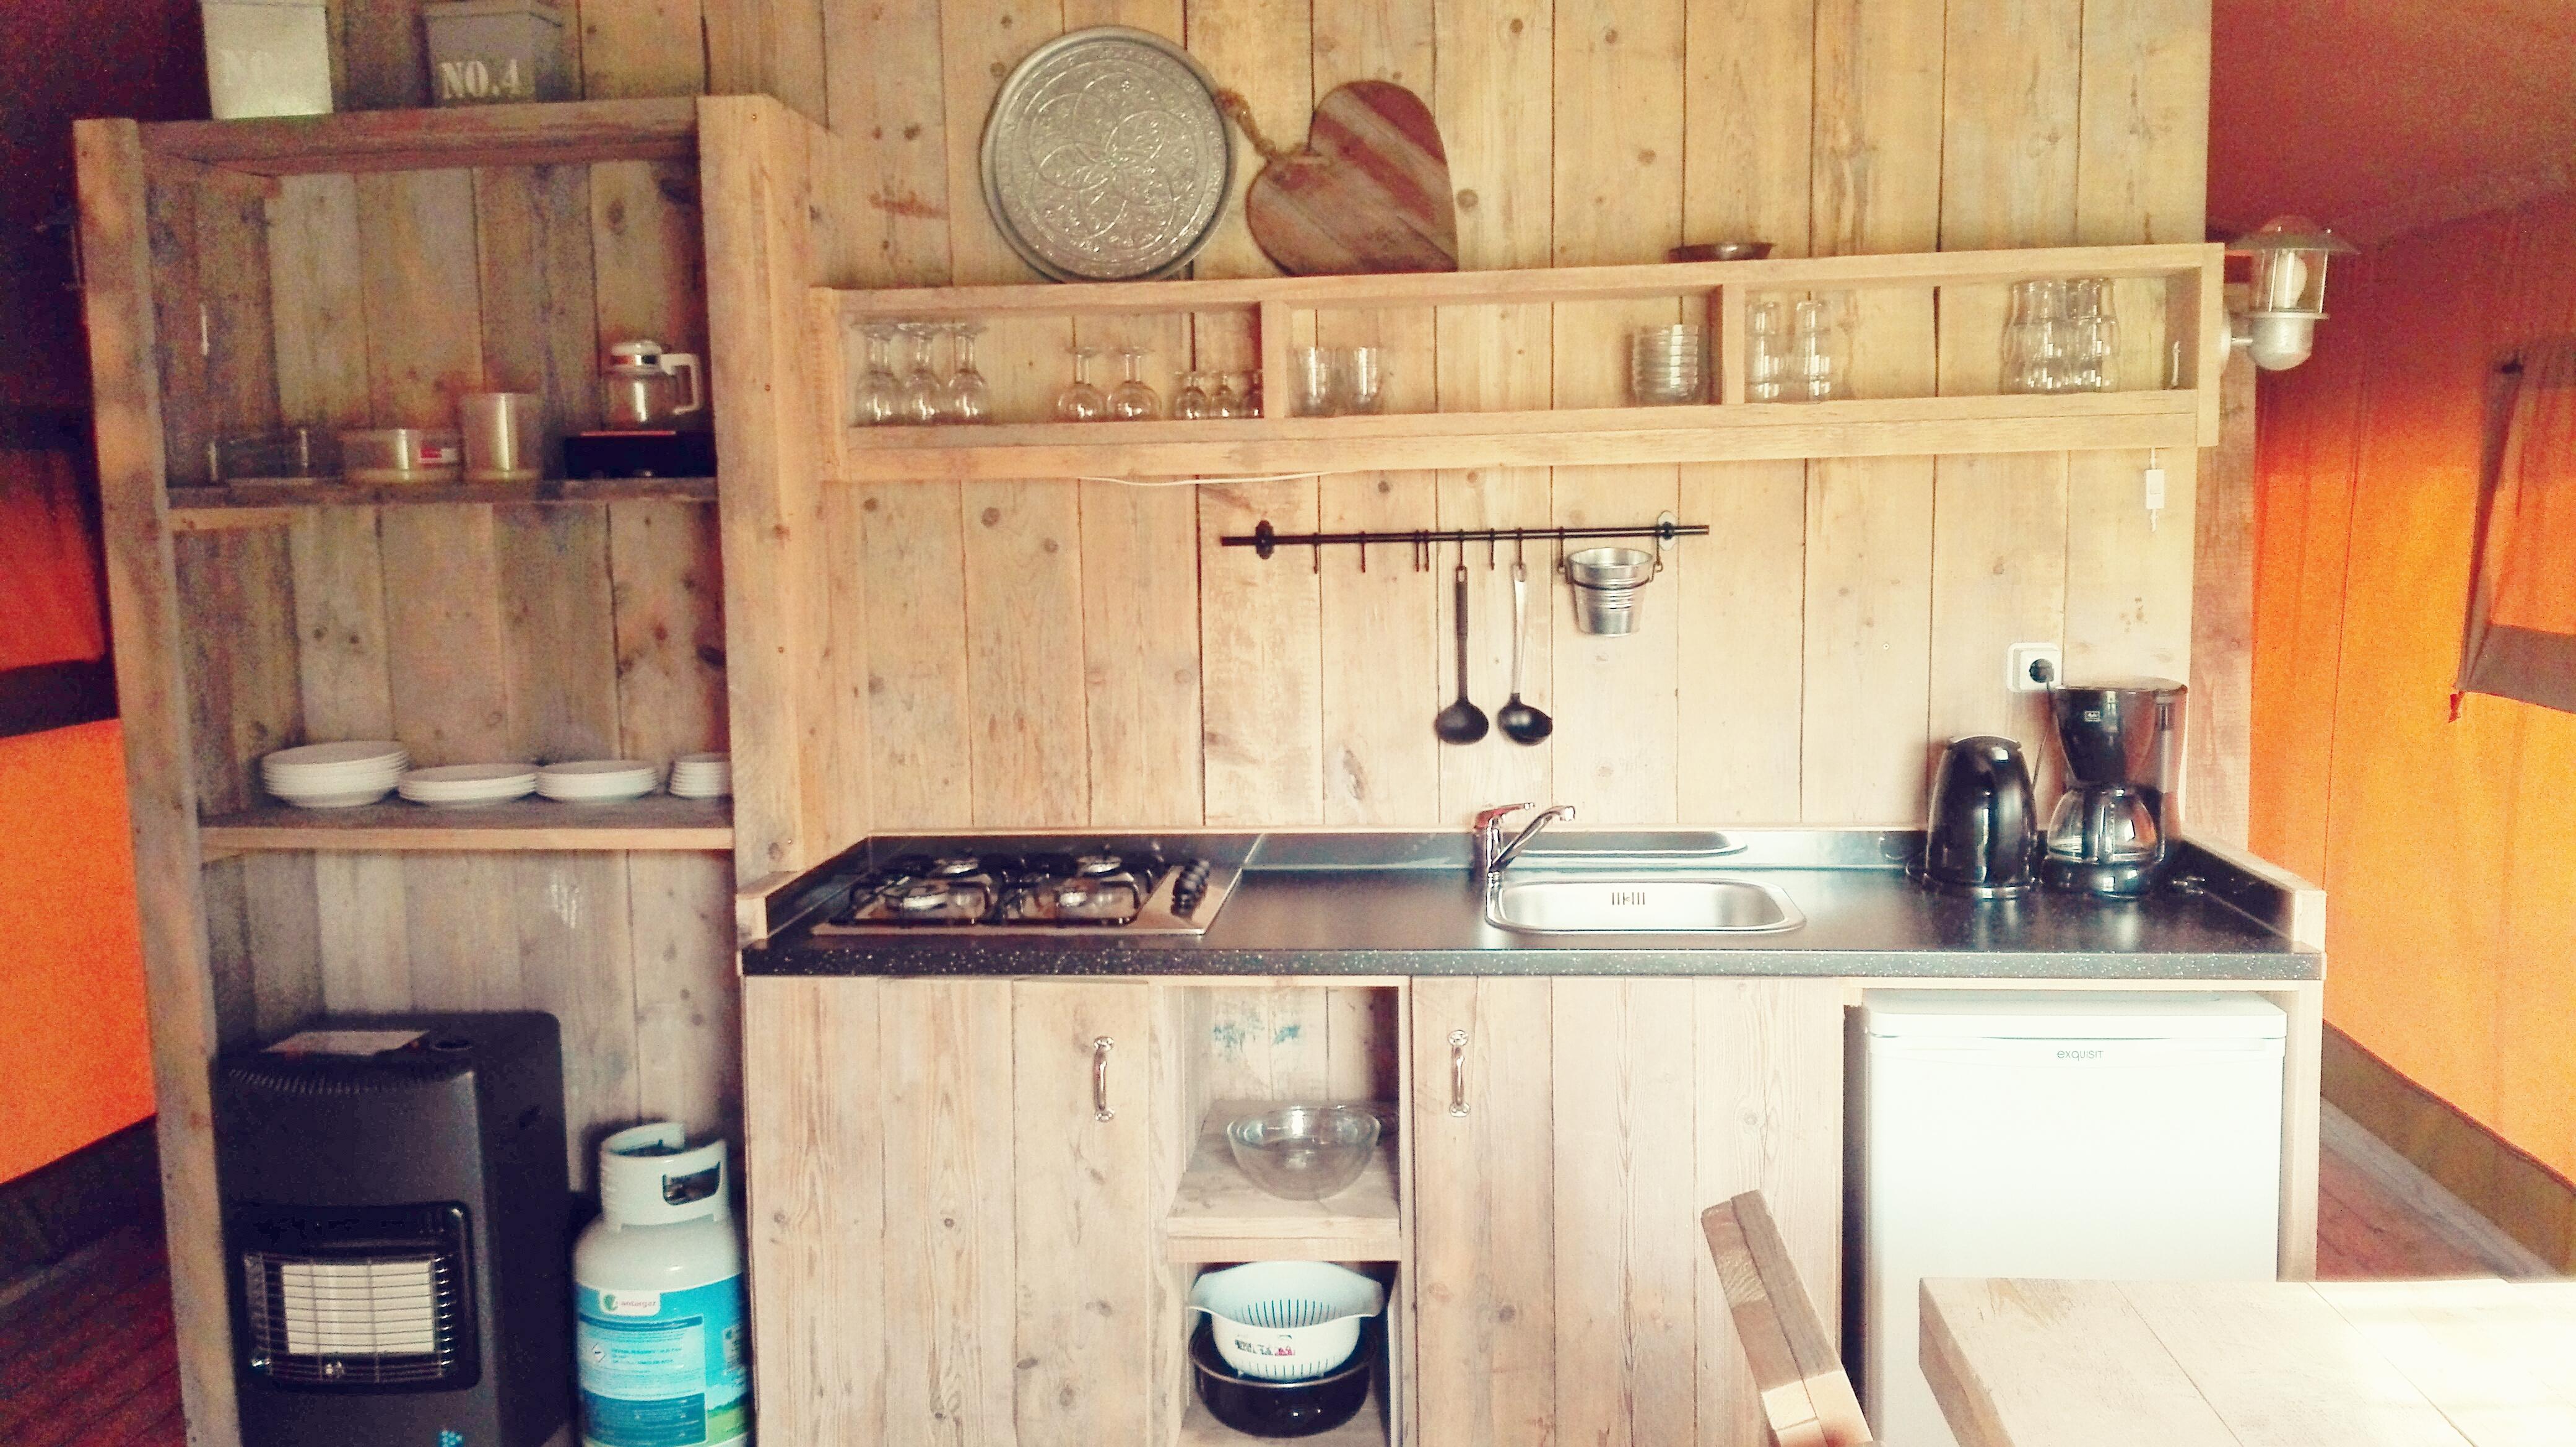 glamping - luxe kamperen - safari tent - woody - sanitair - gezellig - knus - kinderen - vriendjes - vakantie - camping - rcn - vakantiepark - zeewolde - nanny - annelon12